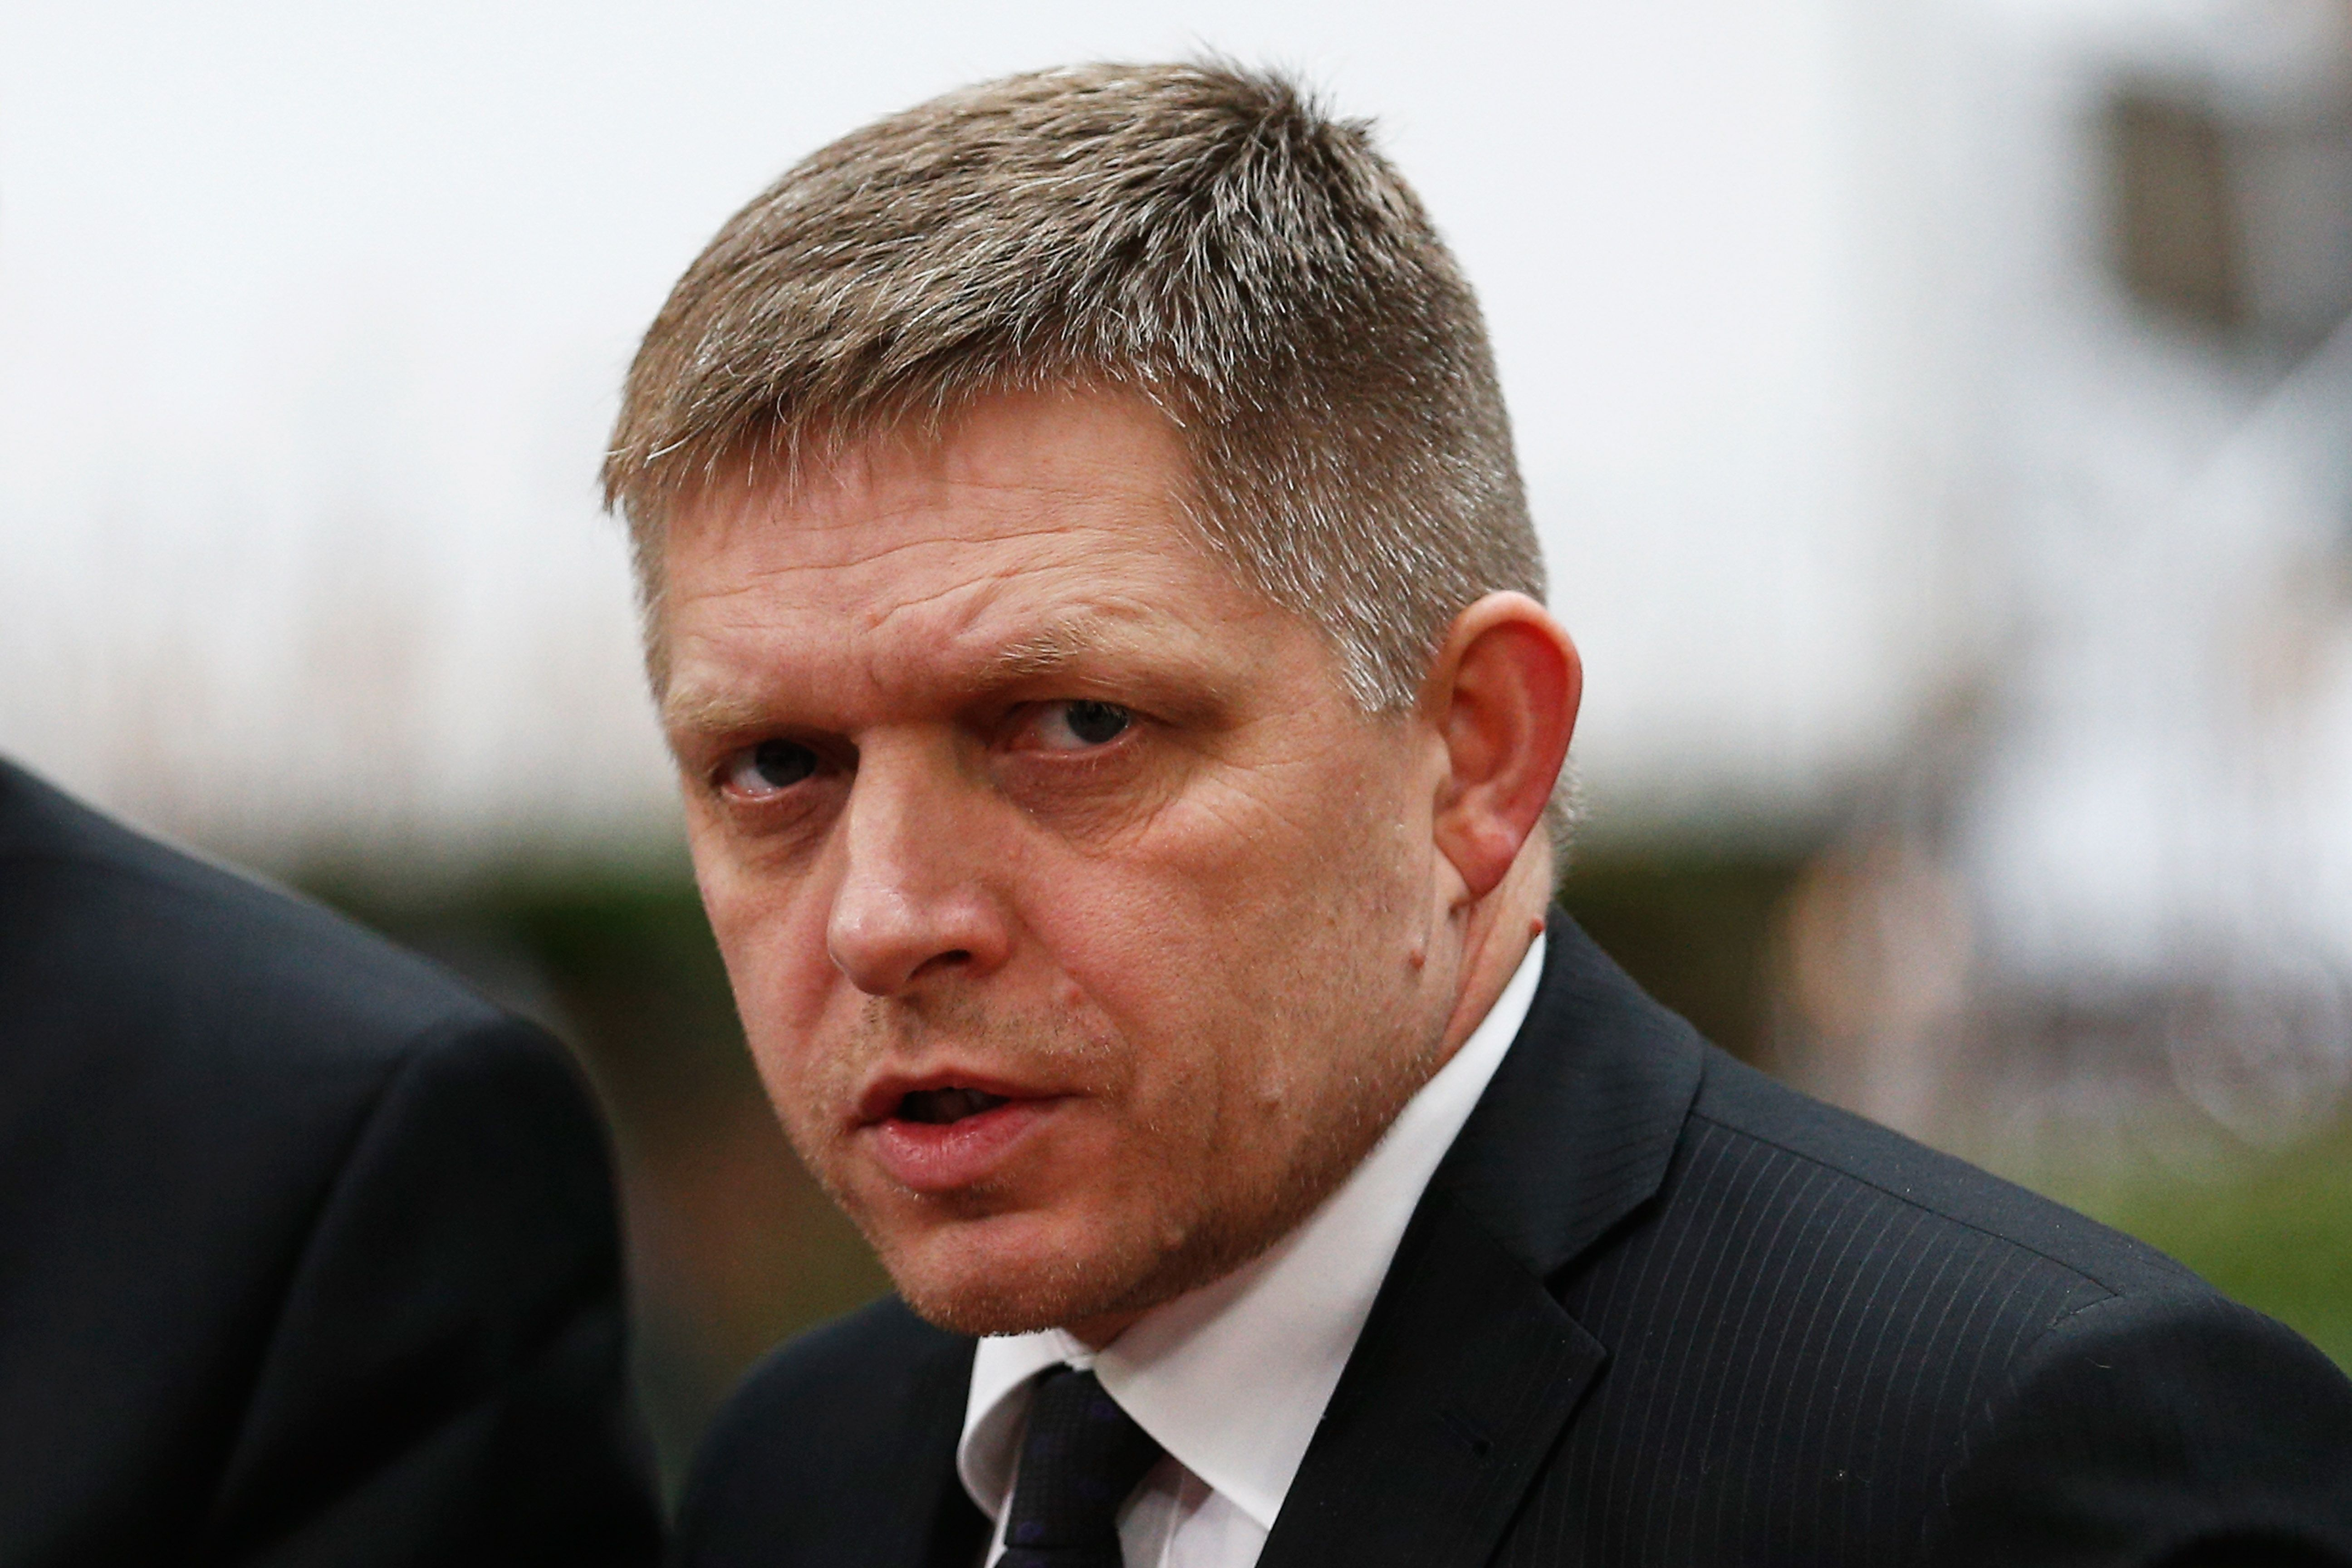 Fostul premier al Slovaciei, Robert Fico, a fost pus sub acuzare pentru rasism